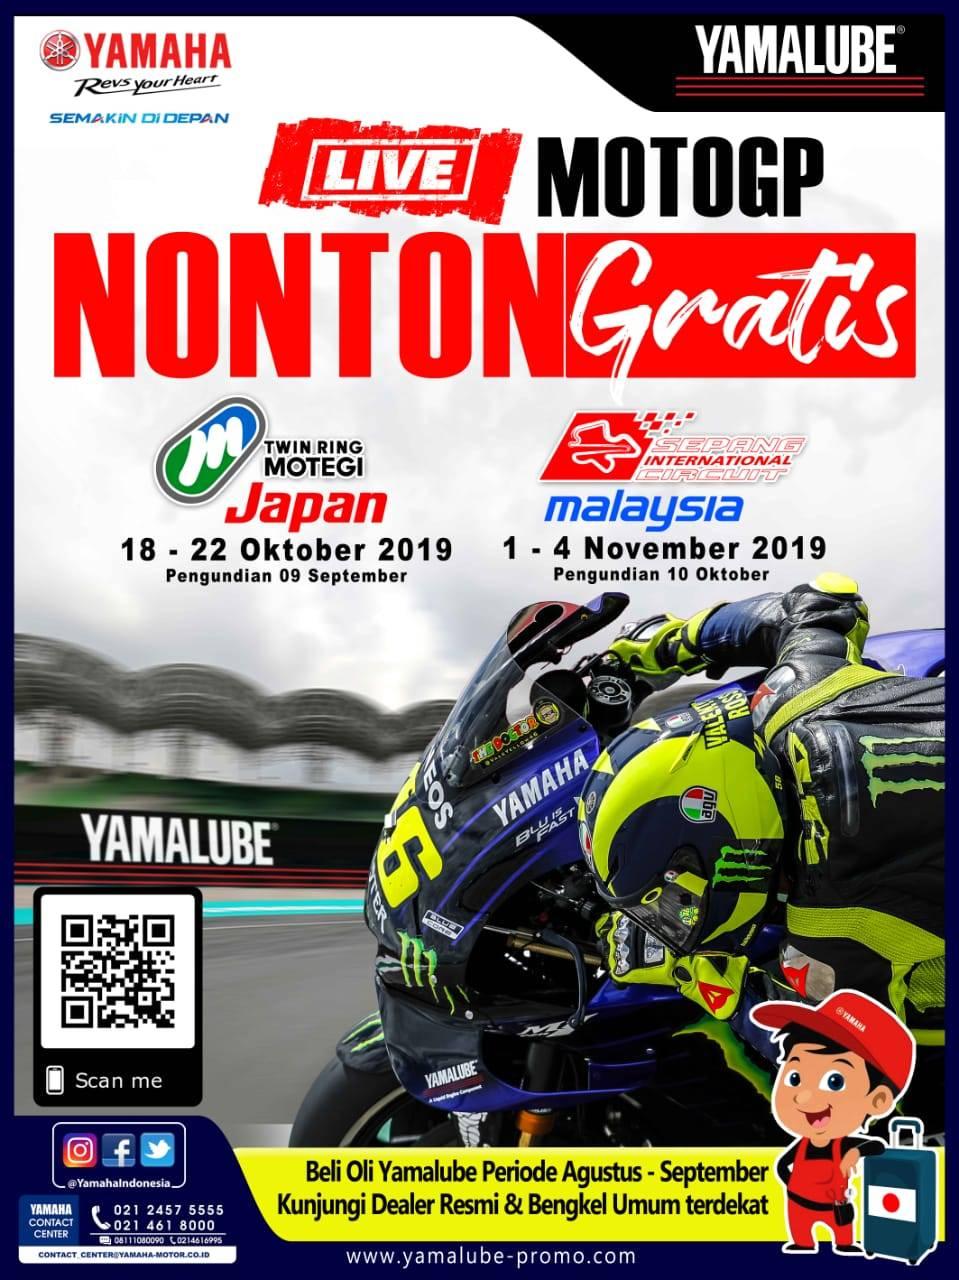 Yamalube Goes to MotoGP